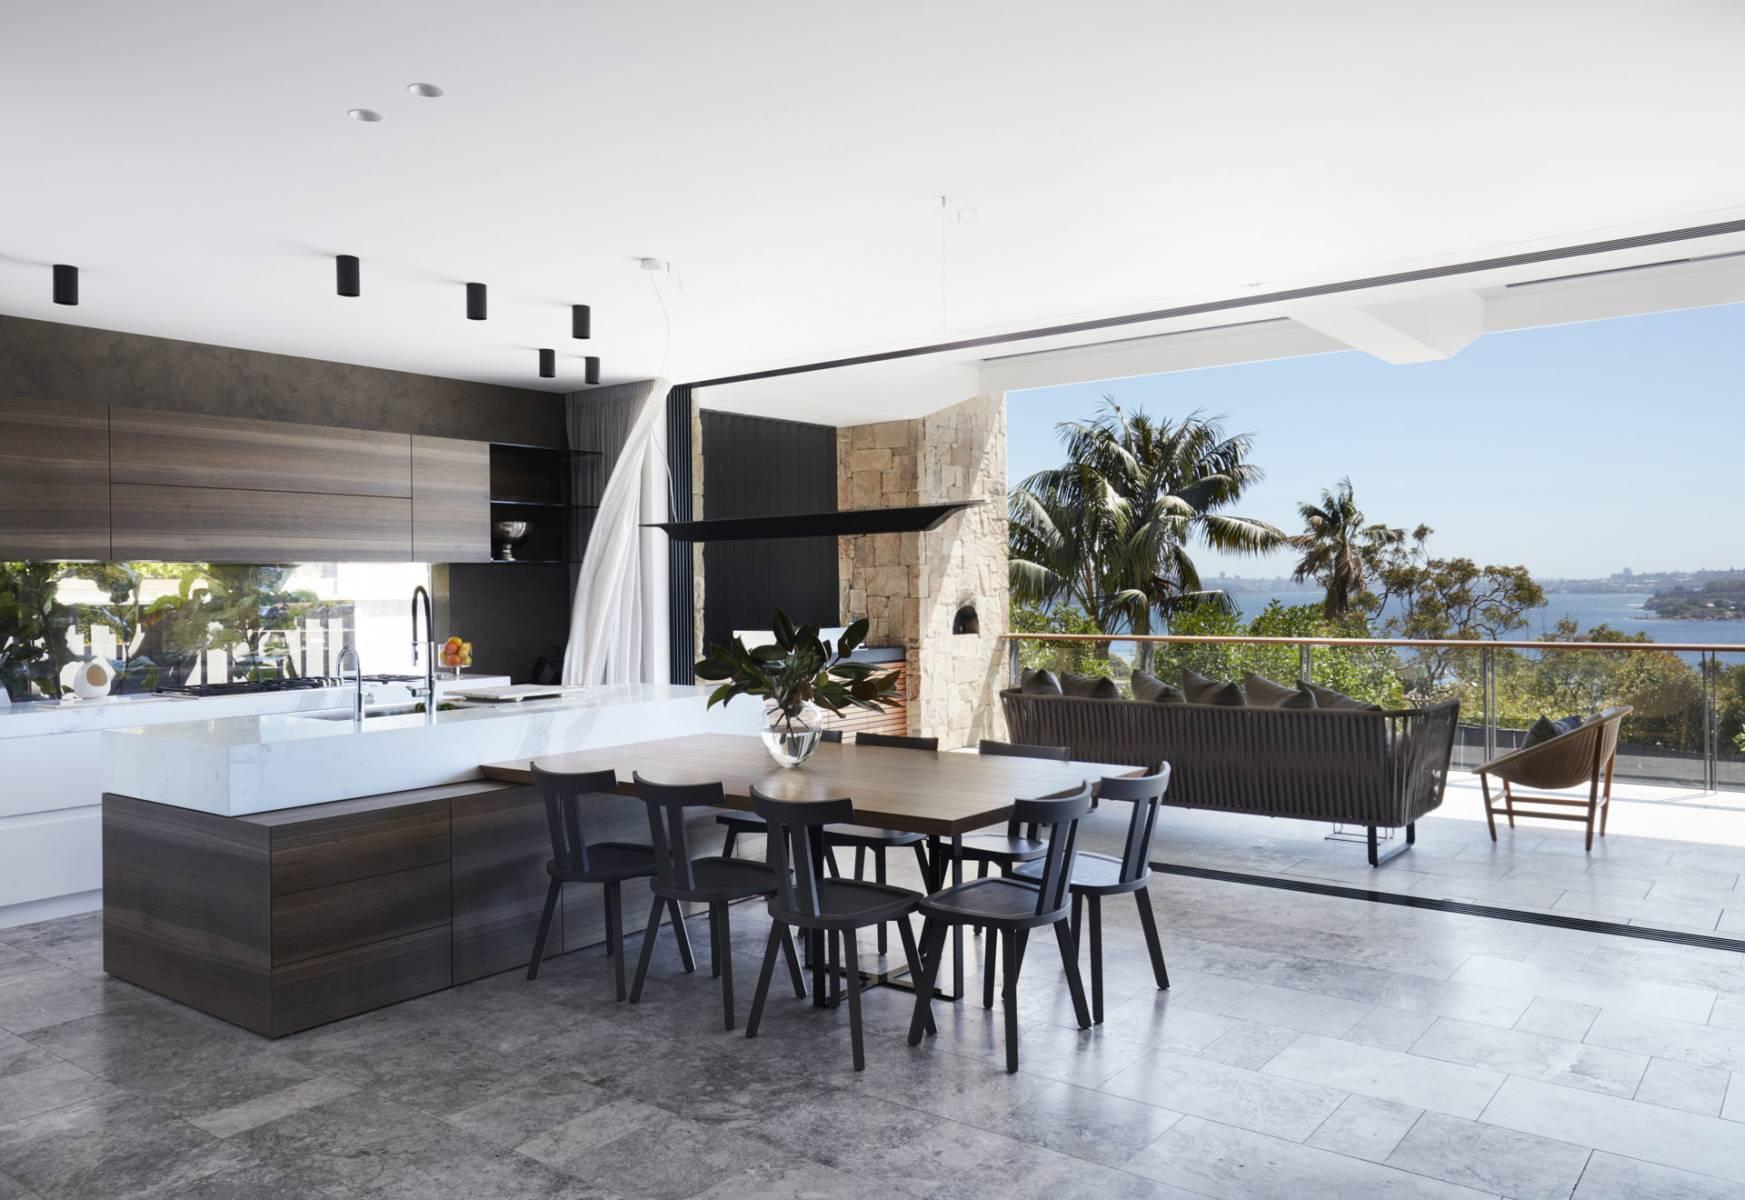 Spectacular 5 bedroom Vaucluse villa